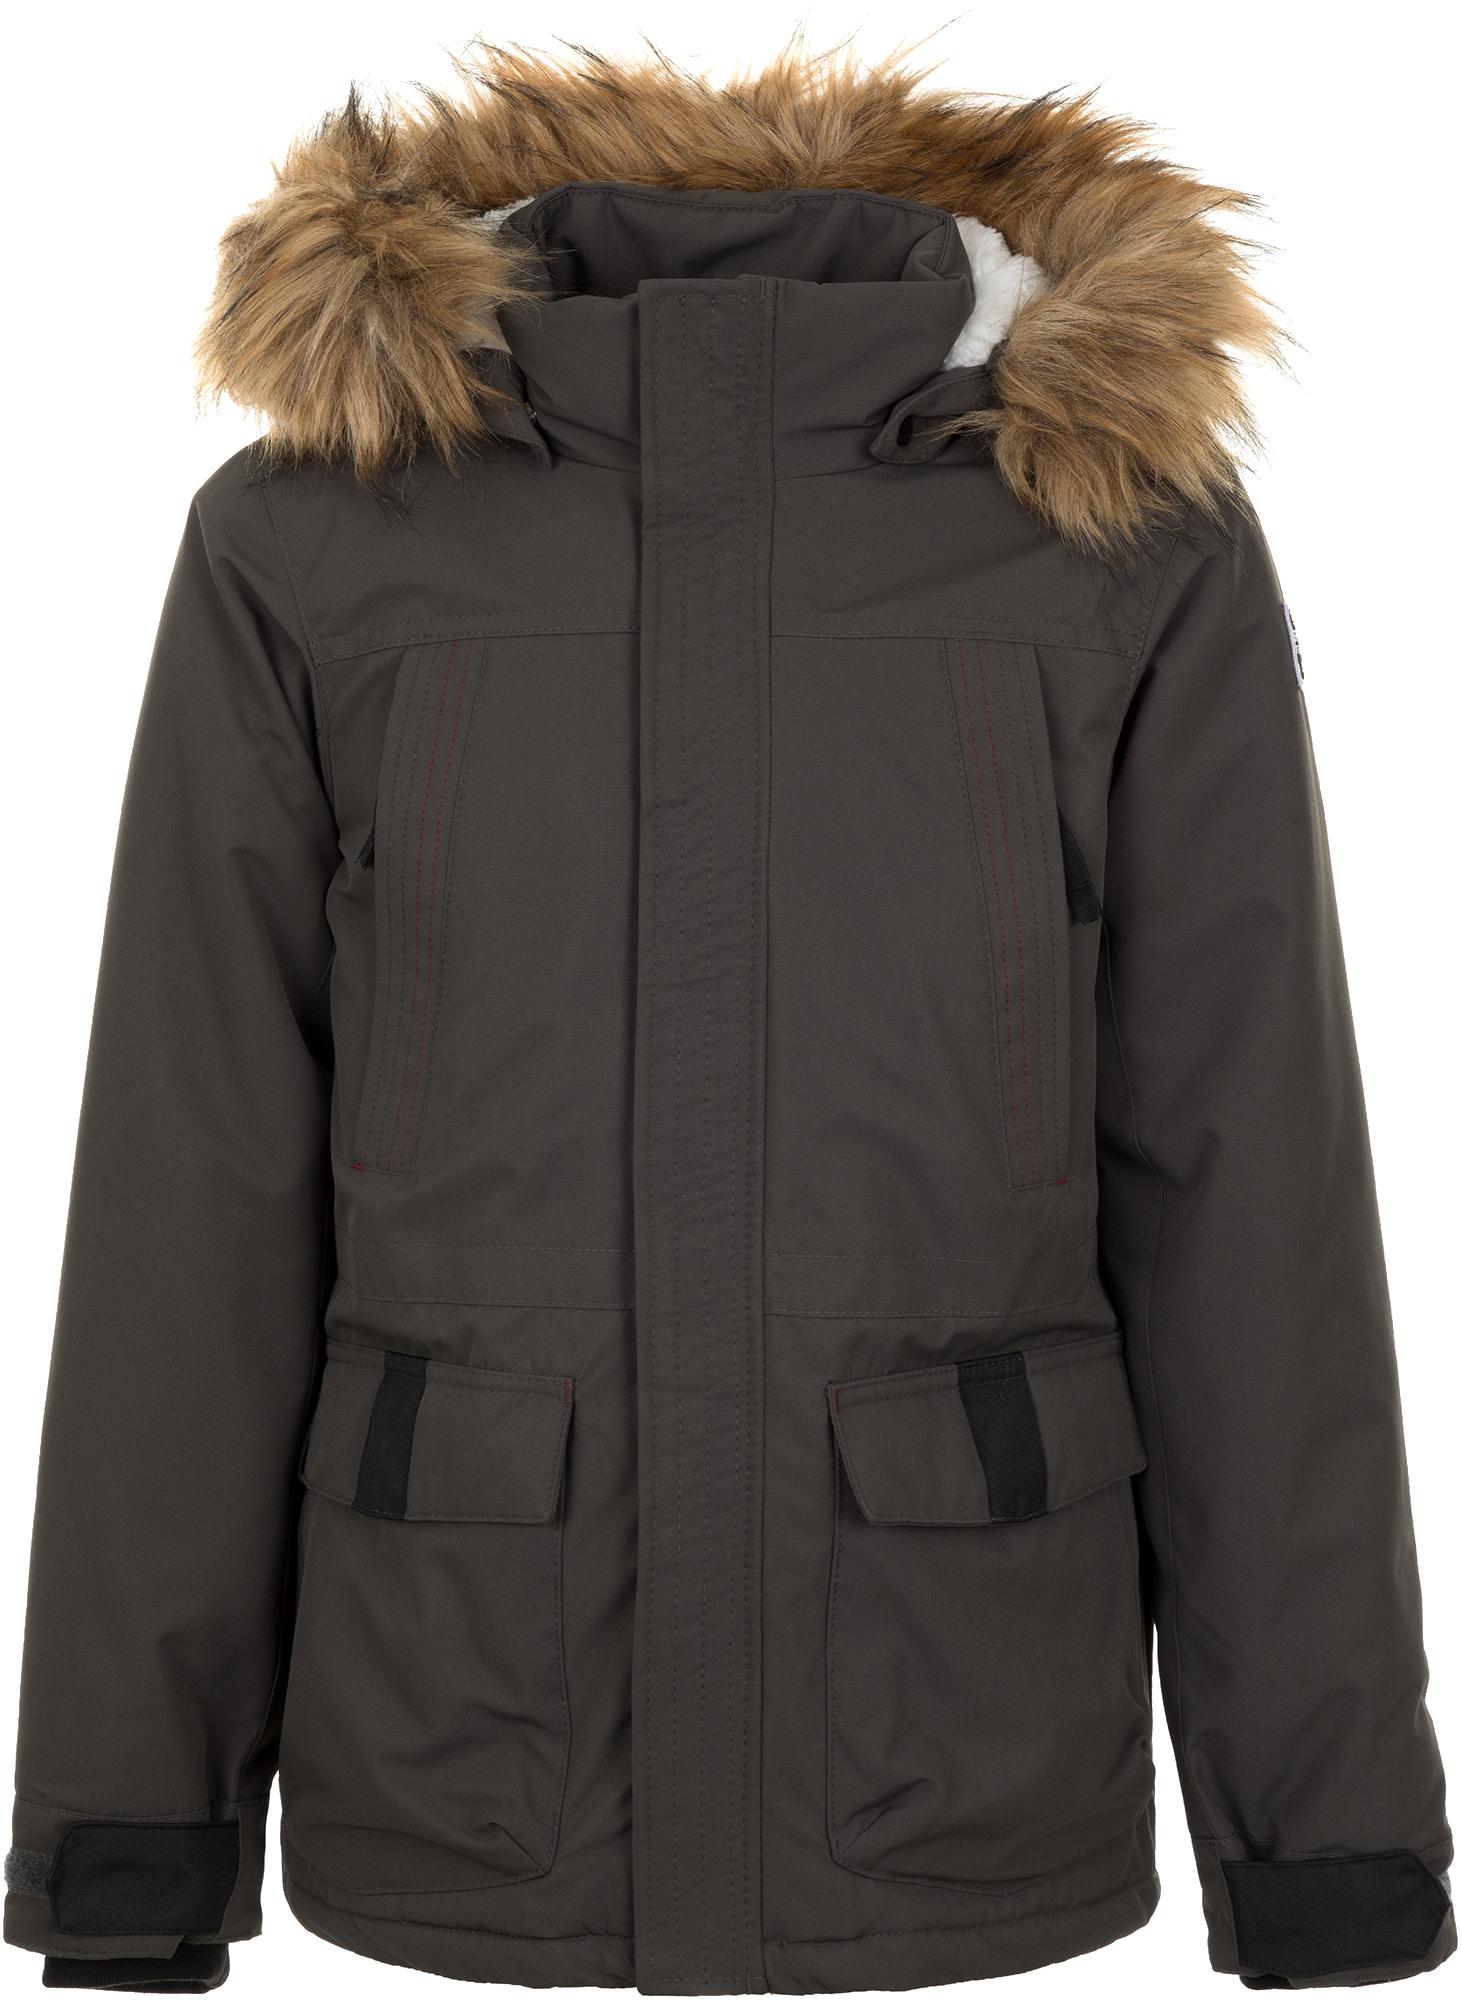 Luhta Куртка утепленная для мальчиков Luhta Kai, размер 164 fox куртка для мальчиков